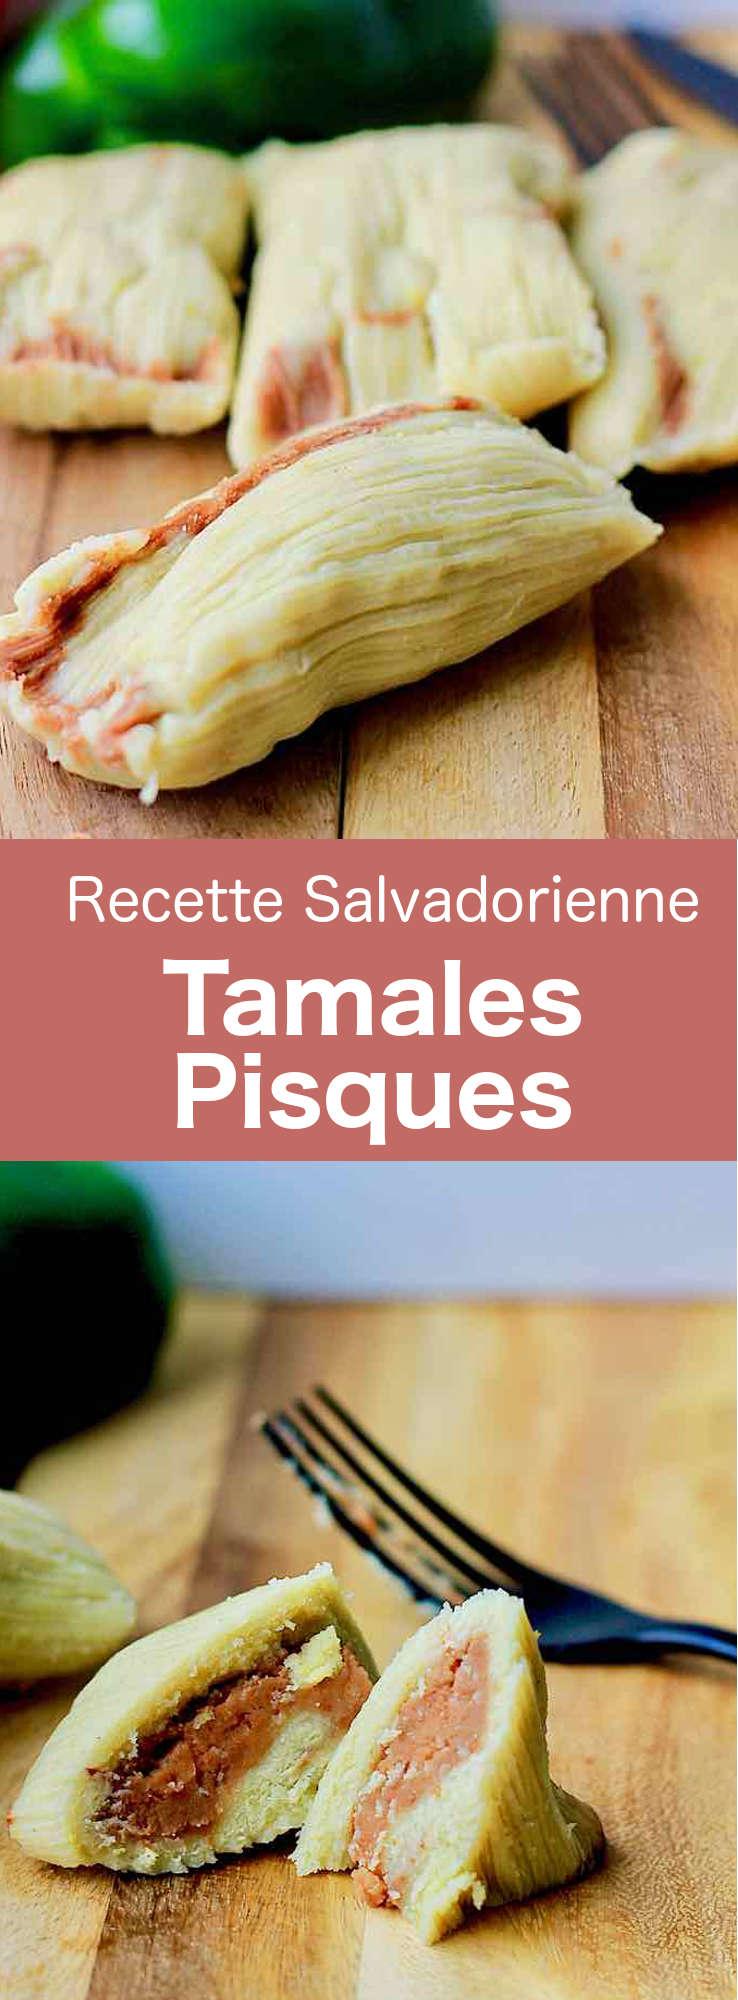 Les tamales pisques sont un plat salvadorien fait de farine de maïs nixtamalisée, mélangée à des haricots sautés, enveloppé dans des feuilles de plantain. #Salvador #CuisineSalvadorienne #AmeriqueCentrale #CuisineDuMonde #196flavors